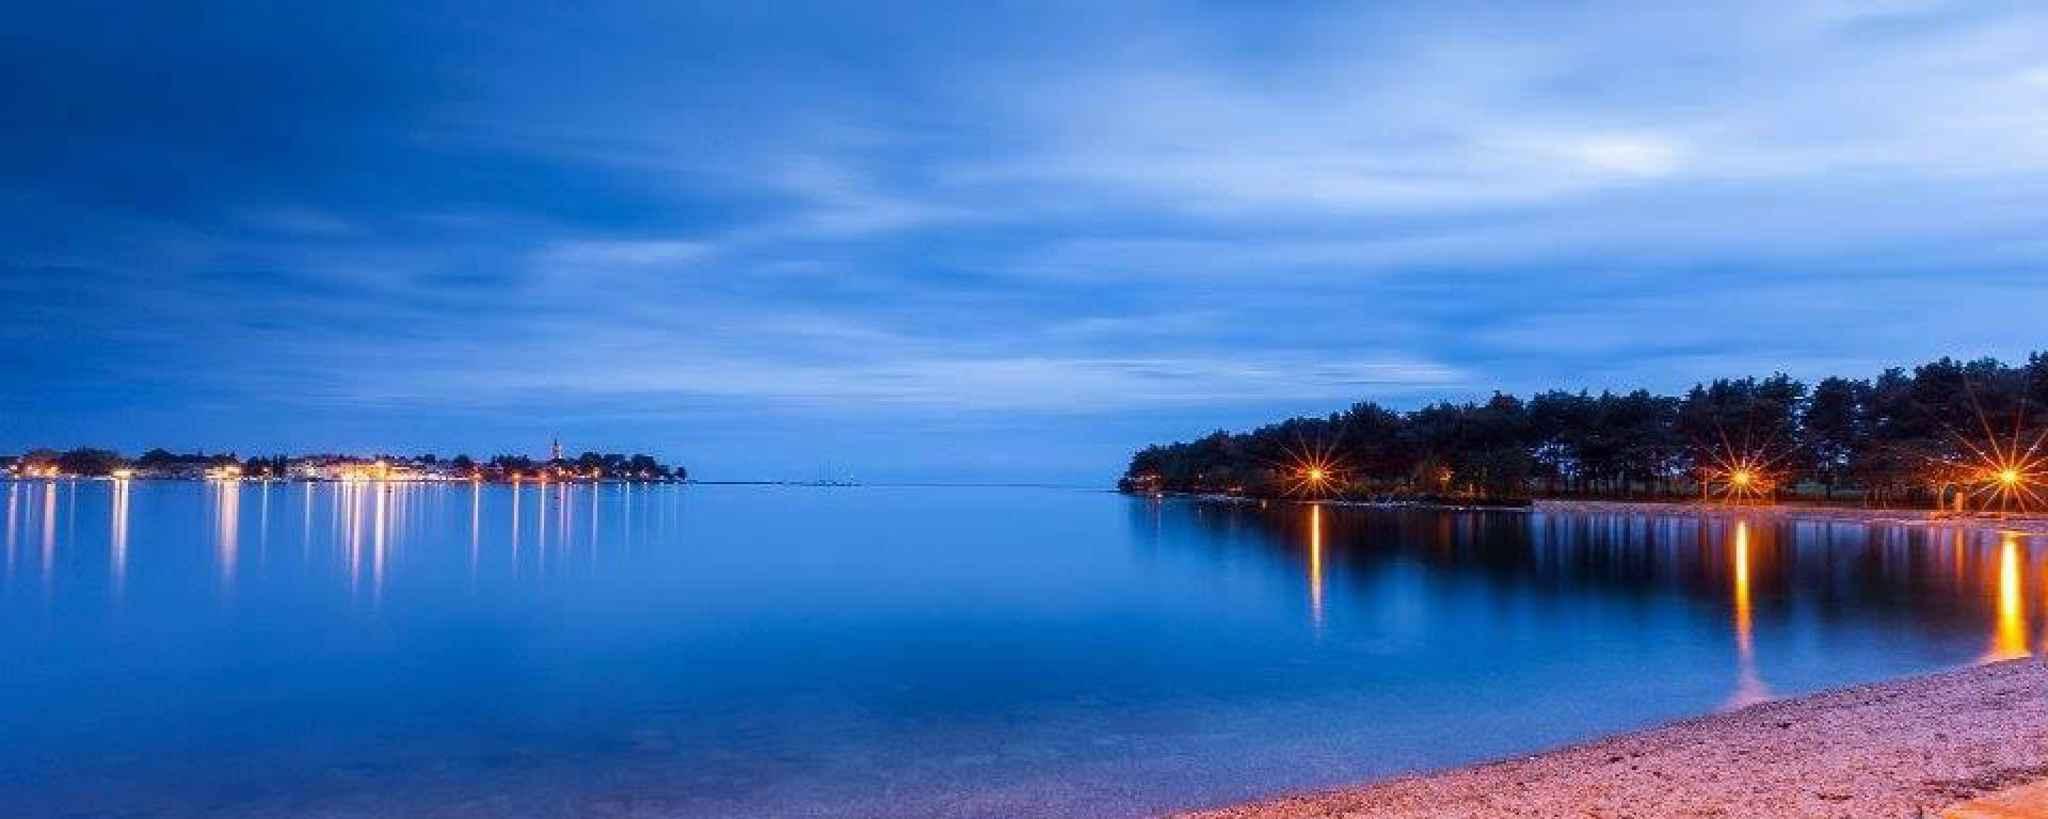 Ferienwohnung mit Pool (280350), Porec, , Istrien, Kroatien, Bild 33